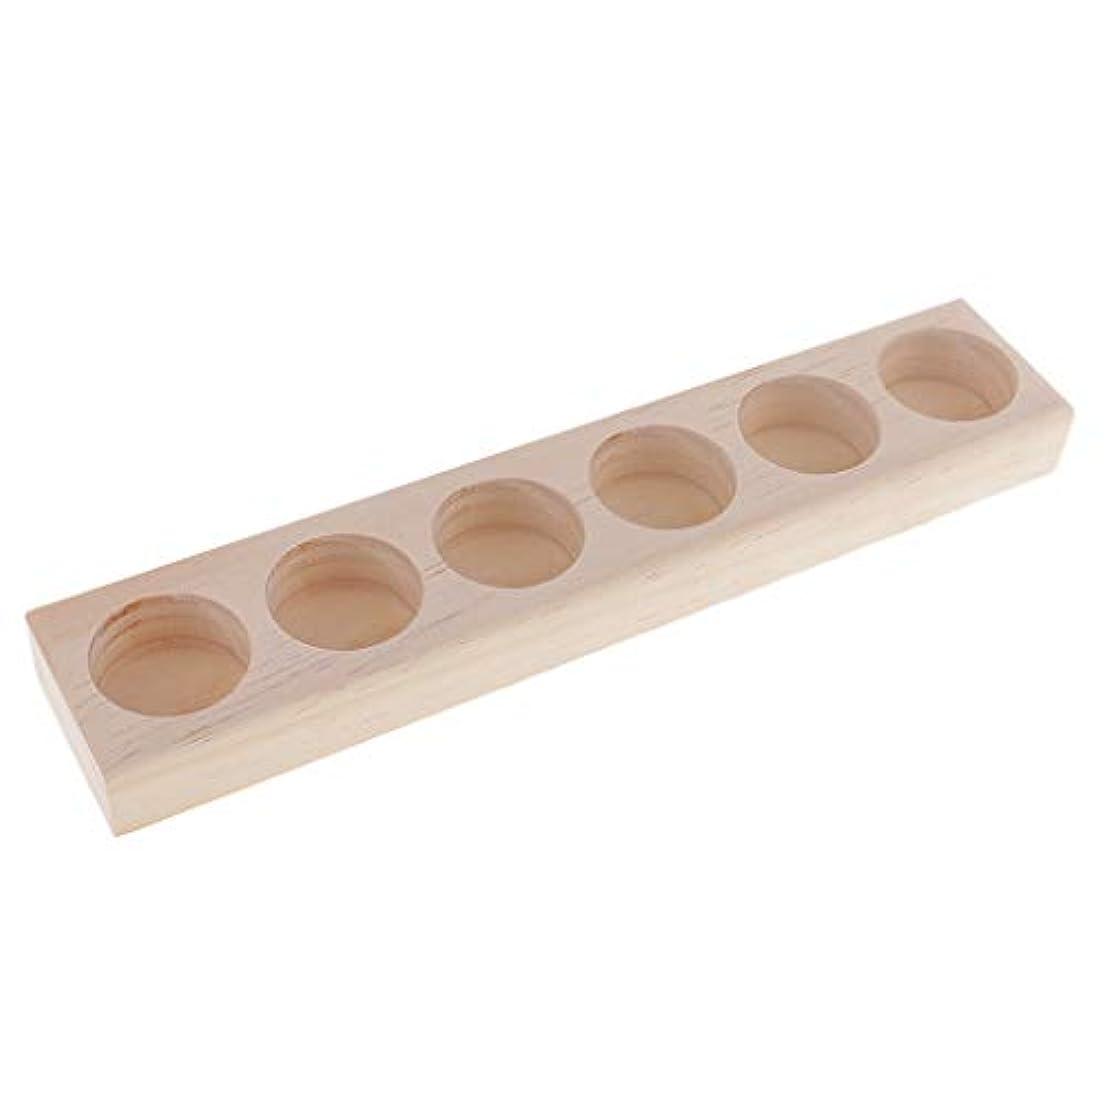 肌寒いアウター主人Fenteer エッセンシャルオイル 収納ラック 木製 精油 オーガナイザー ジュエリー 化粧品 収納用品